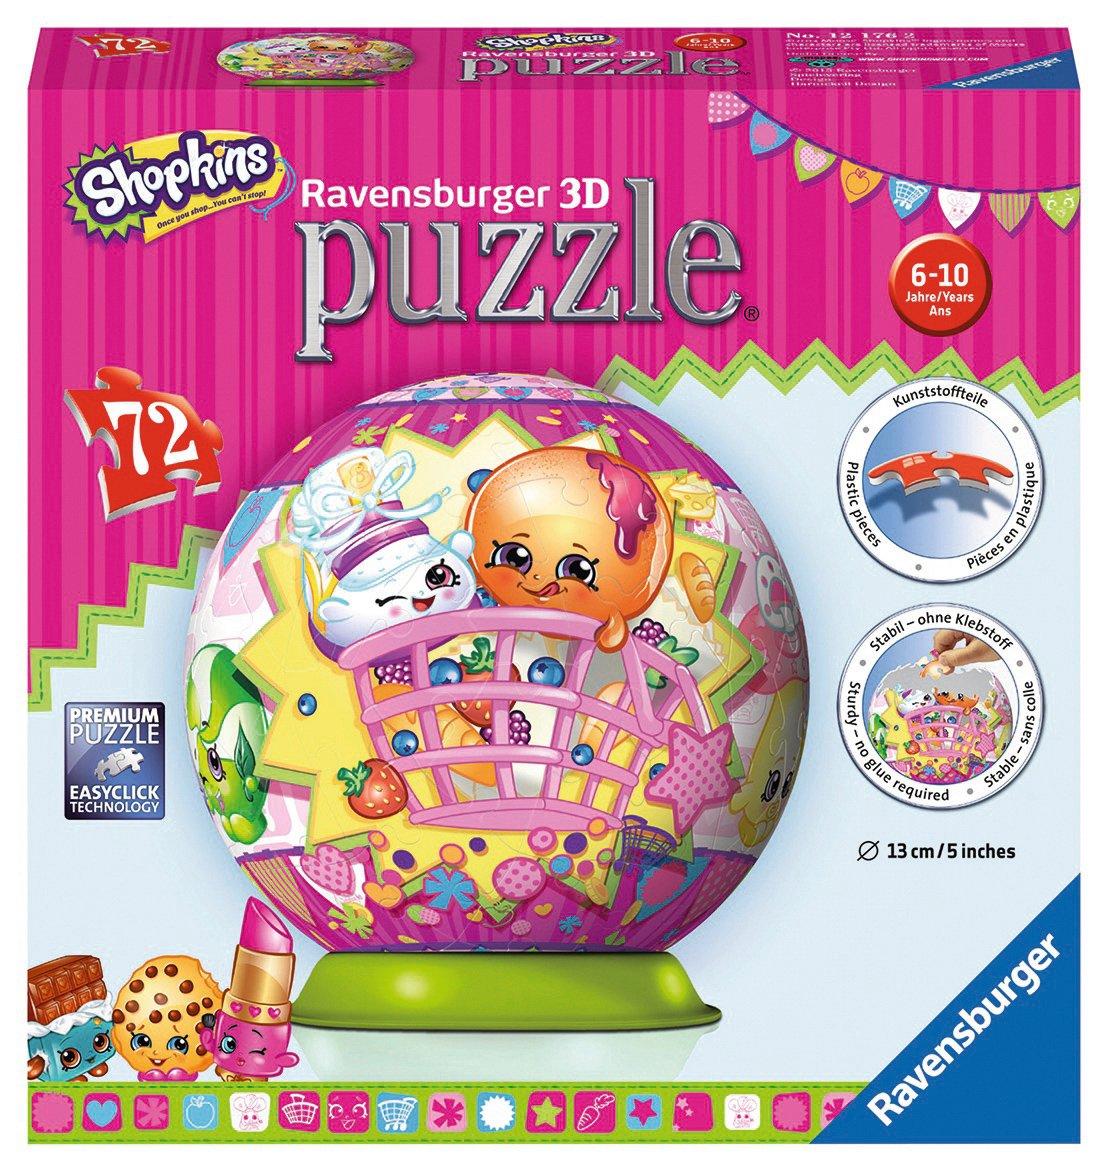 Ravensburger 12176 Shopkins 3D Jigsaw Puzzle - 72 Pieces